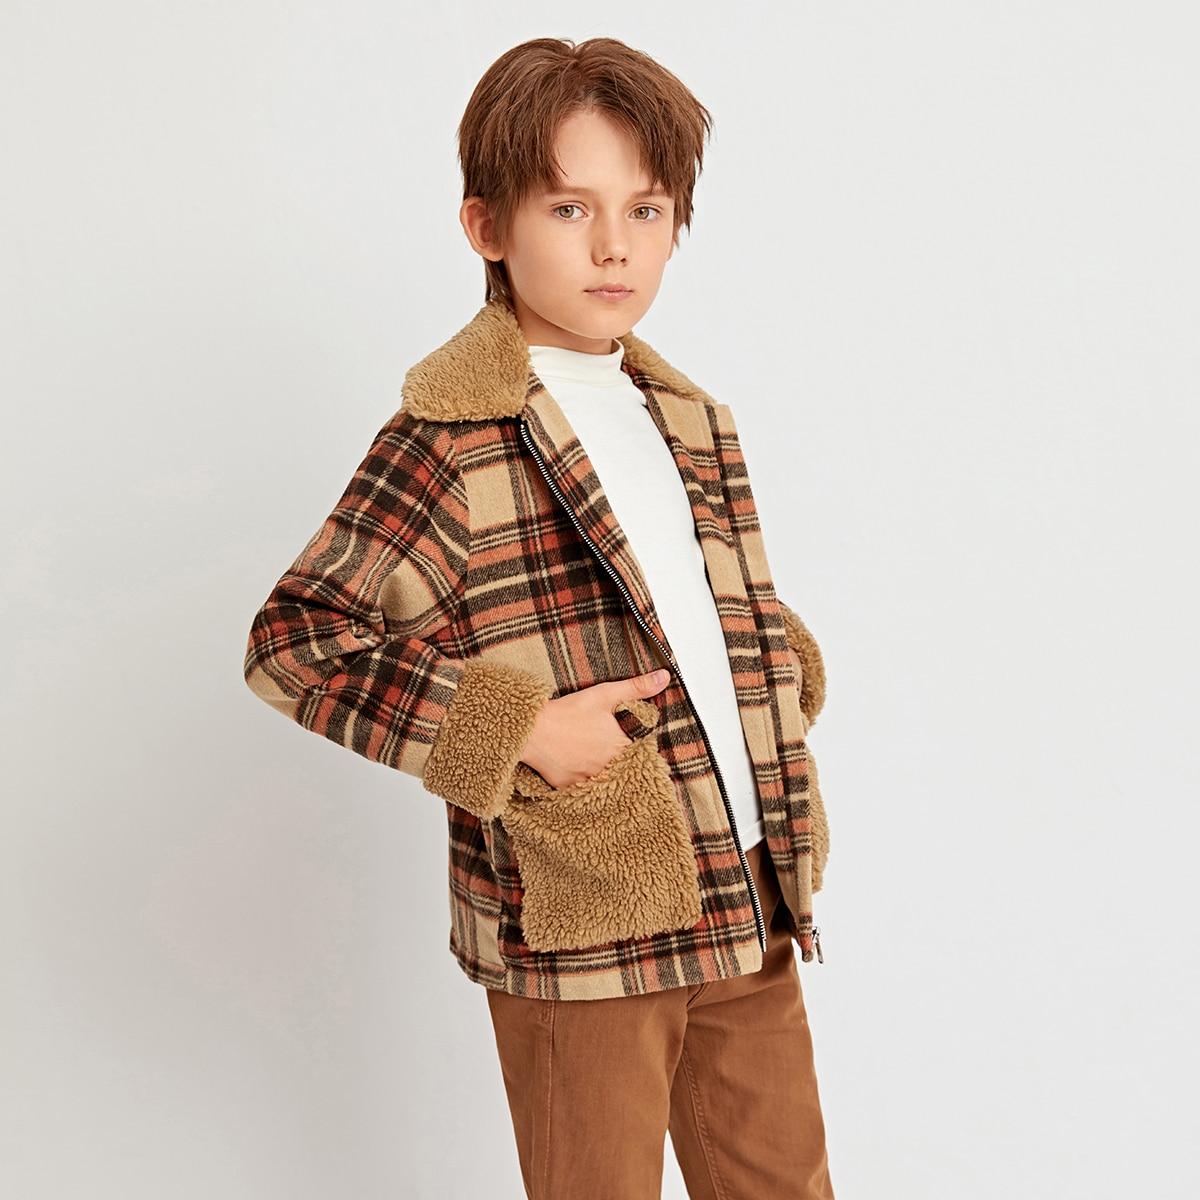 Mantel mit Kontrast Lammfell, Taschen Klappe und Karo Muster